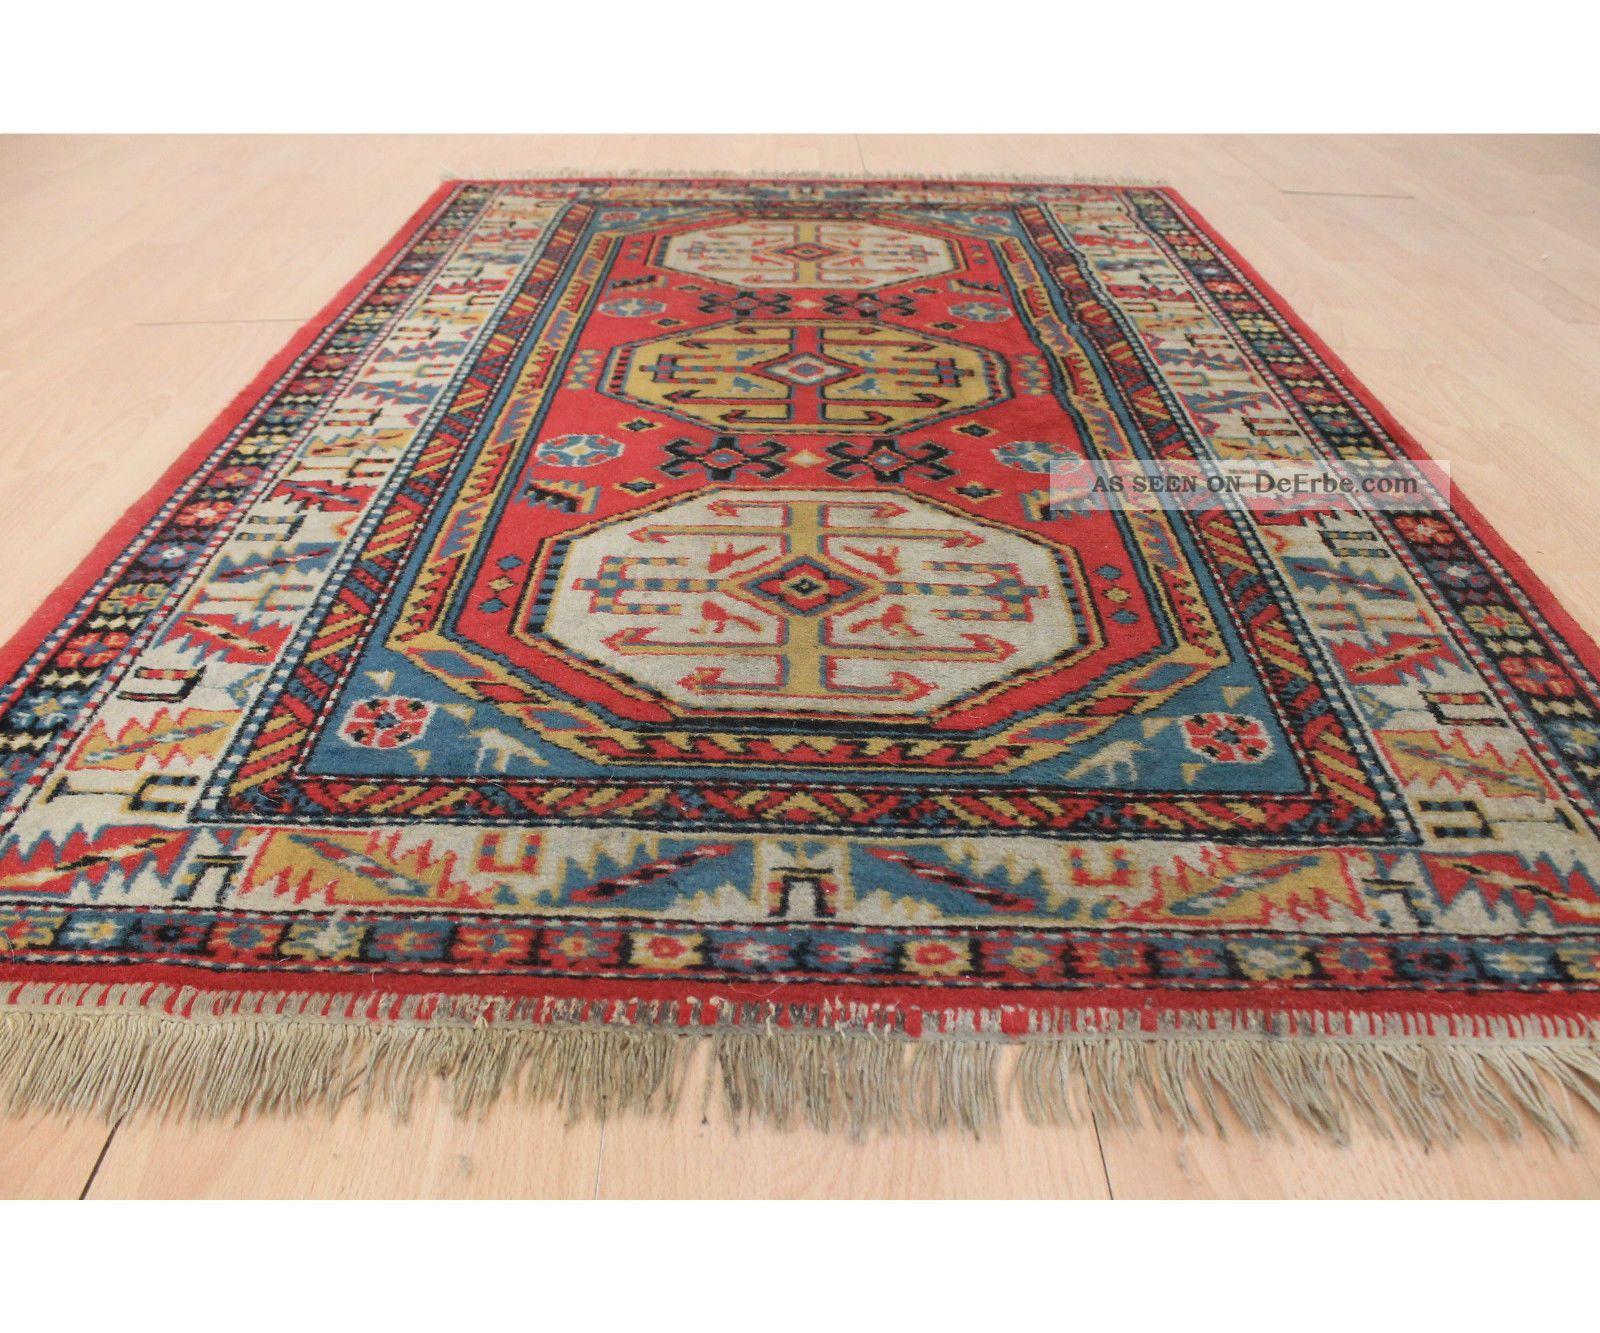 sch ner gewebter orient teppich kazak motiv carpet rug 150x100cm carpet tappeto. Black Bedroom Furniture Sets. Home Design Ideas